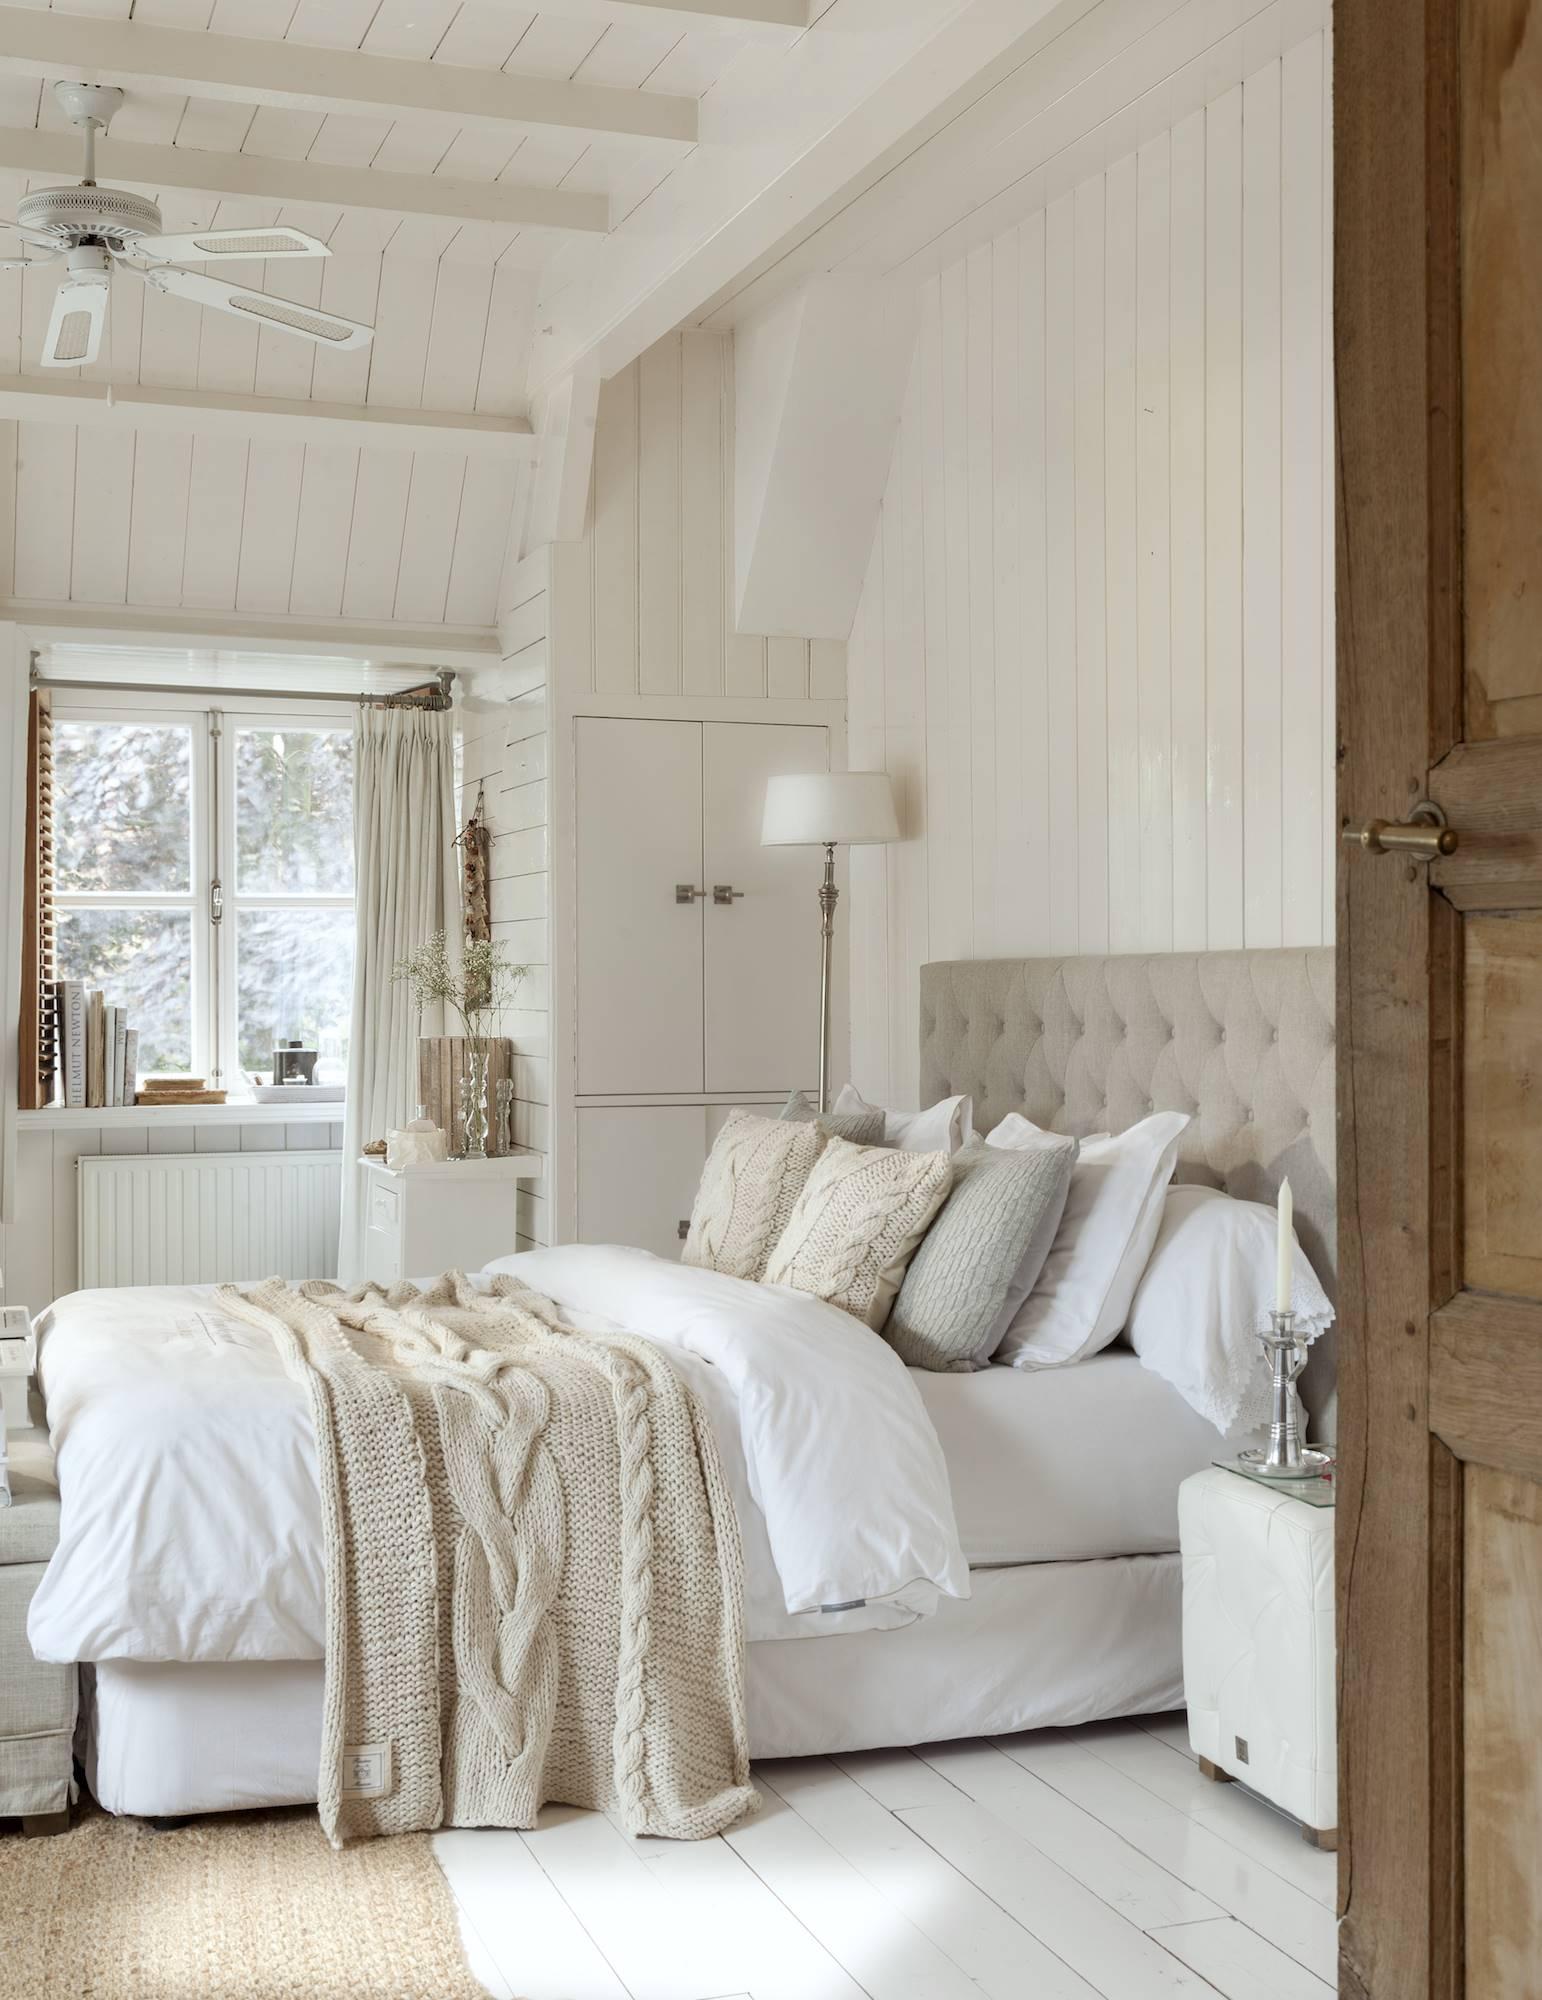 1001 fotos de ropa de cama - Decoracion paredes dormitorios ...